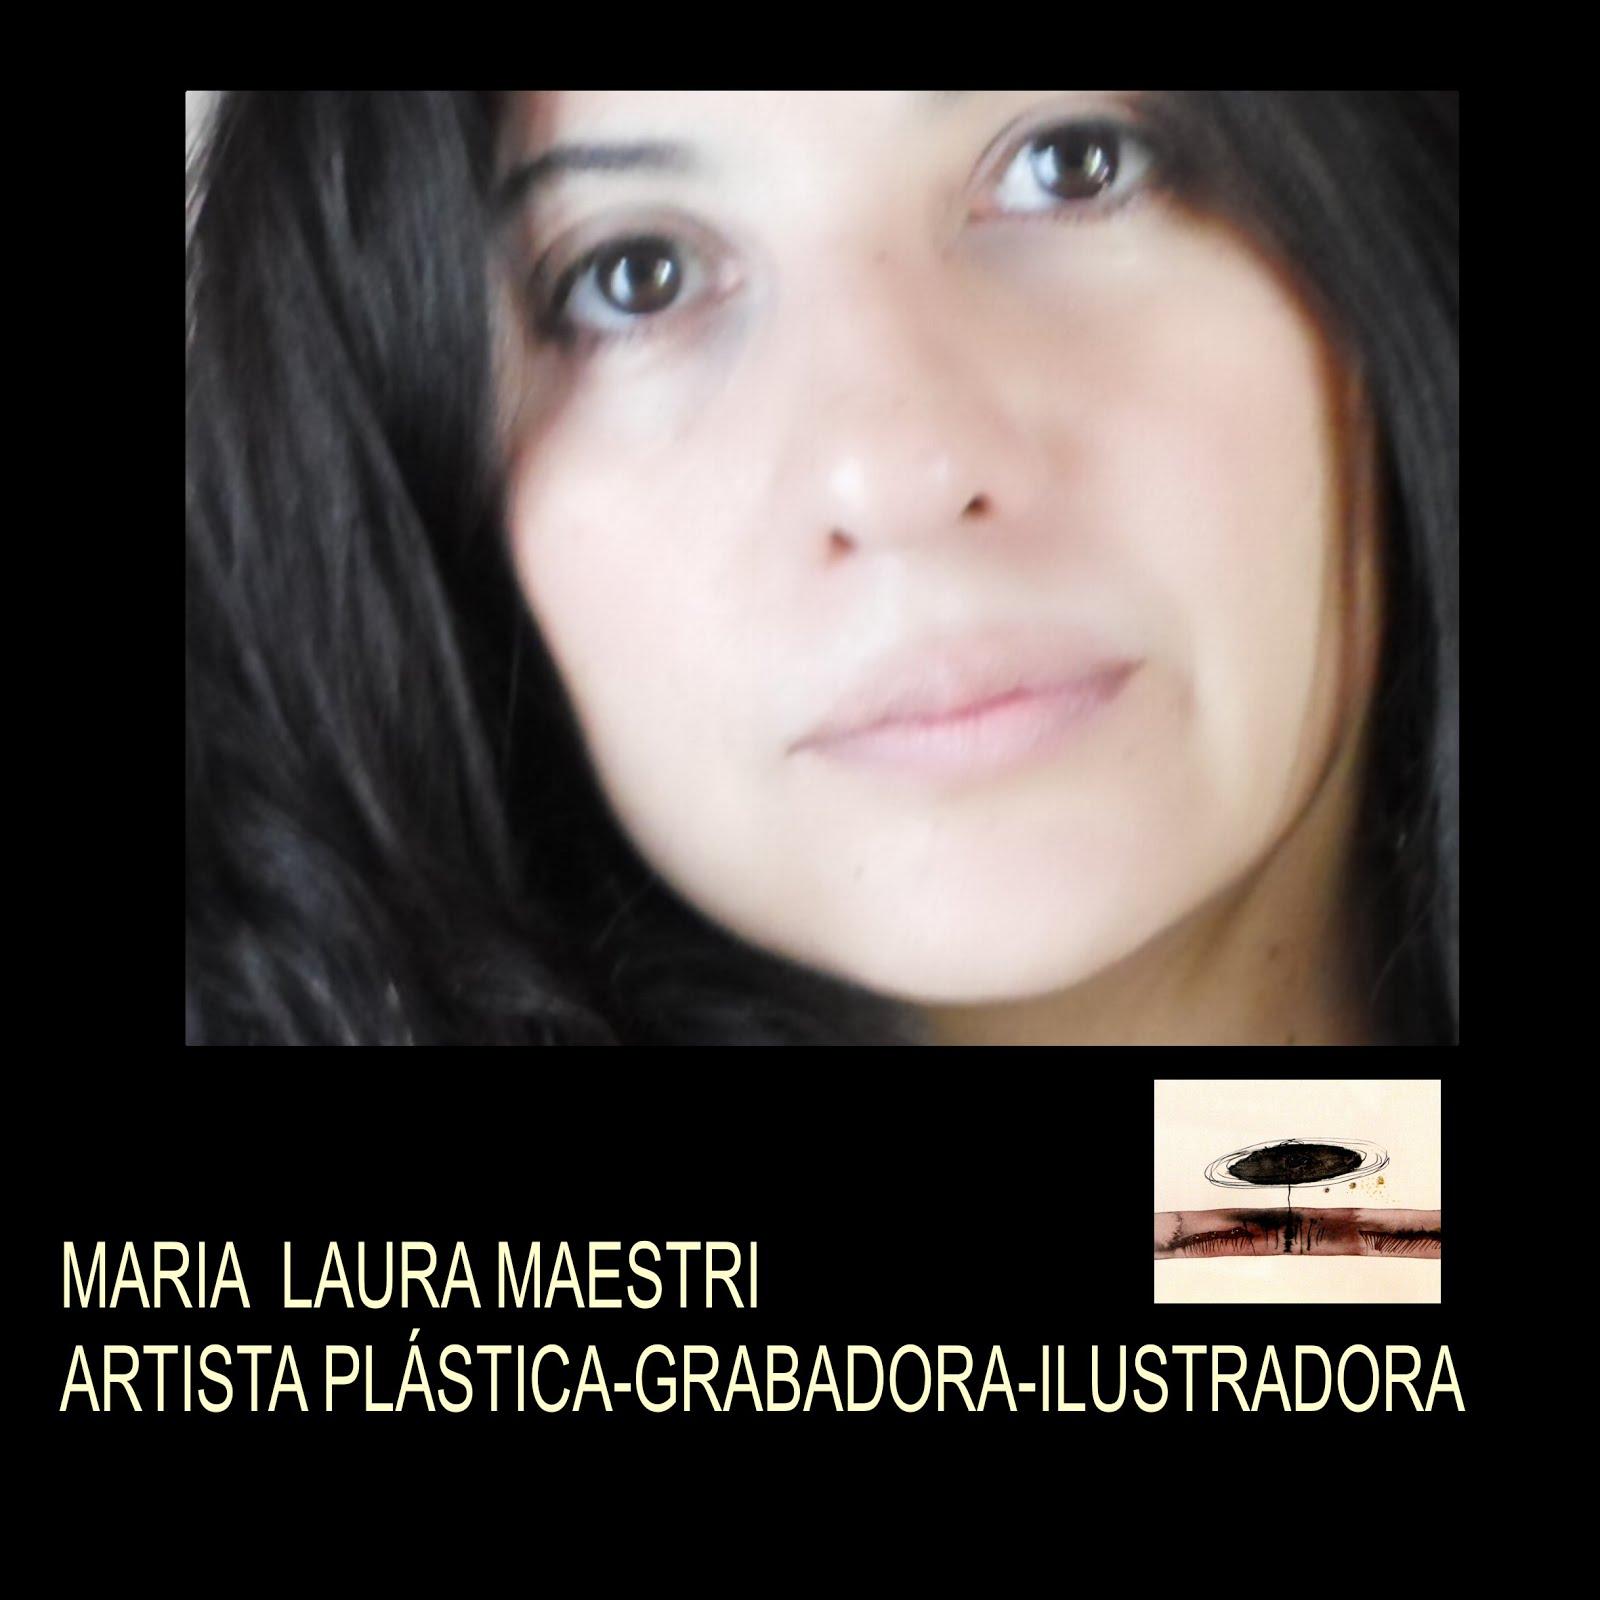 MARÍA LAURA MAESTRI